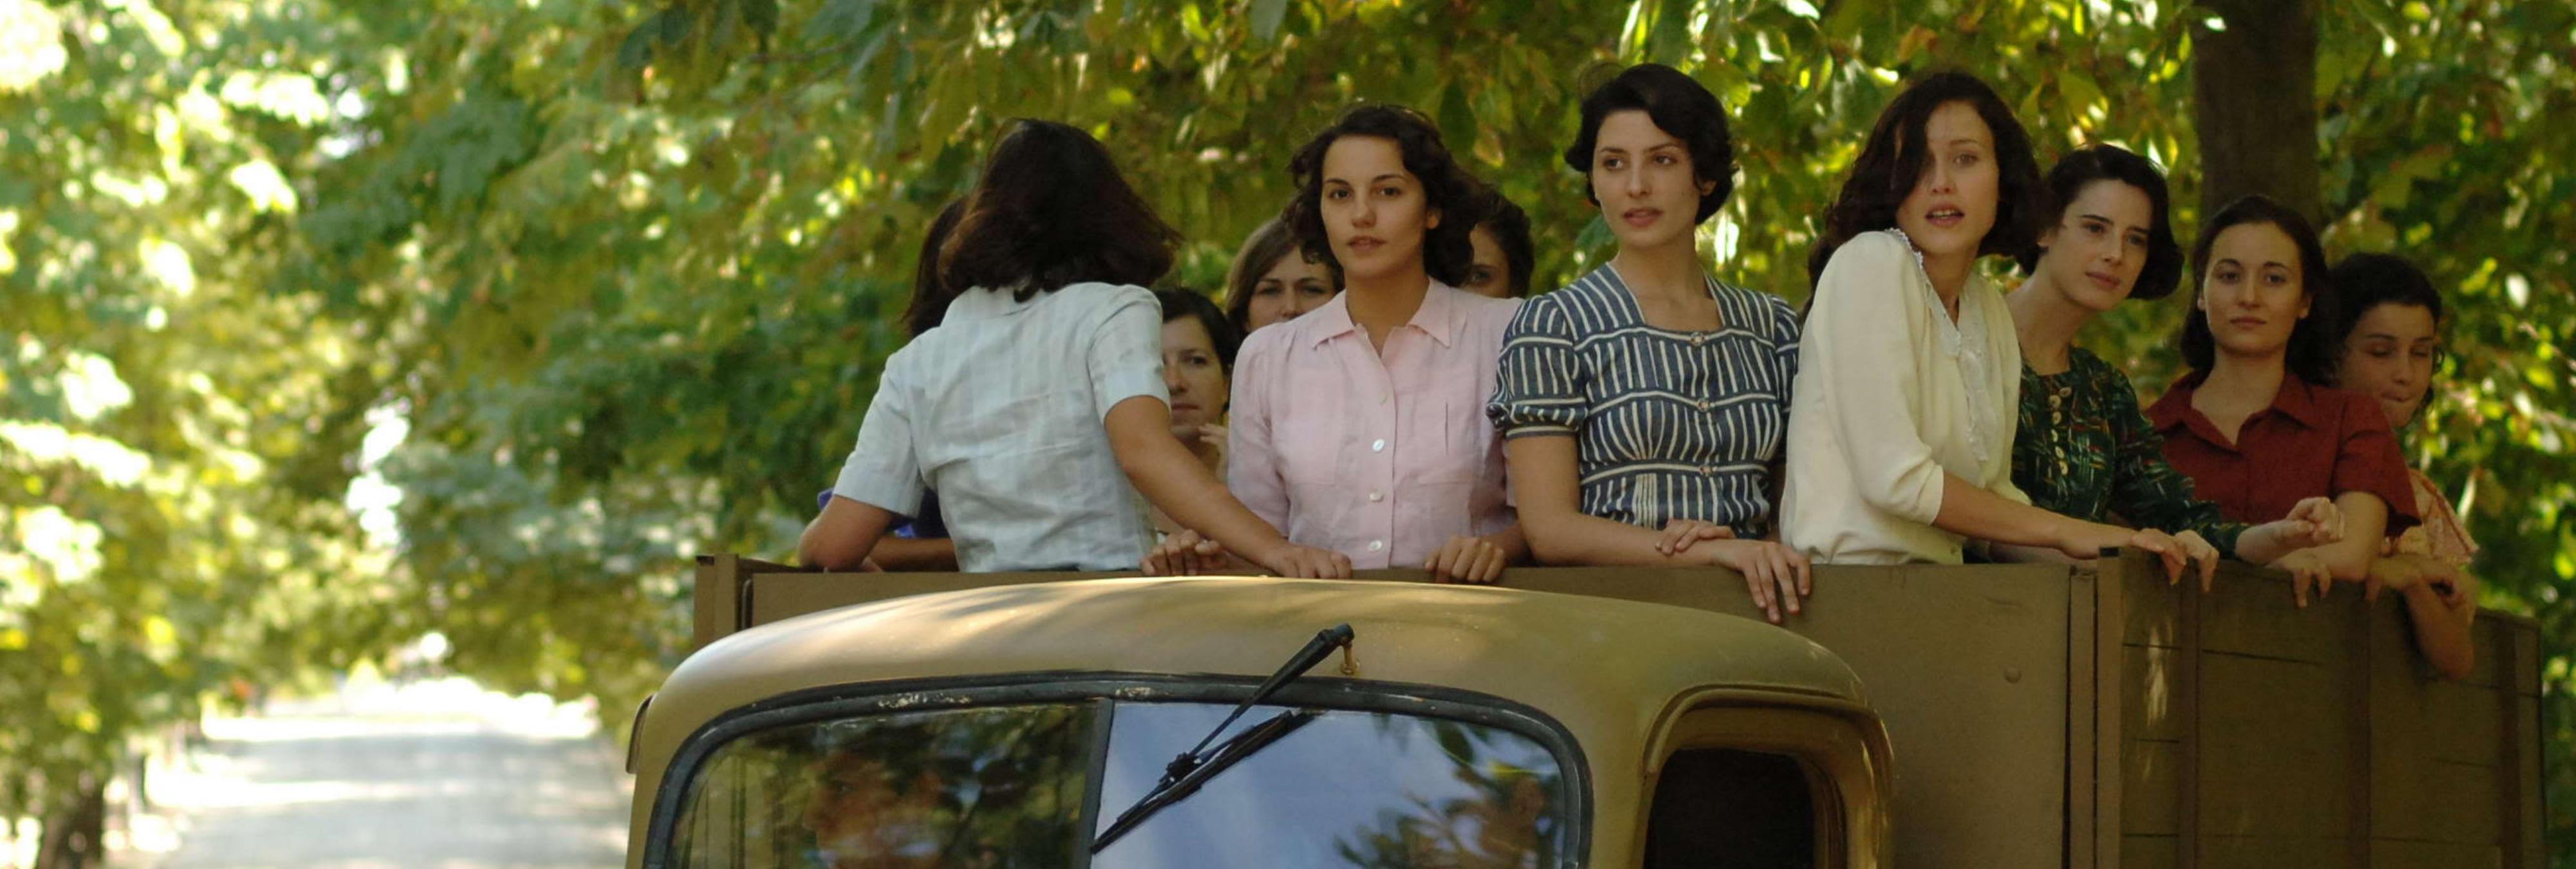 Las 13 Rosas: su historia y por qué son un icono antifranquista